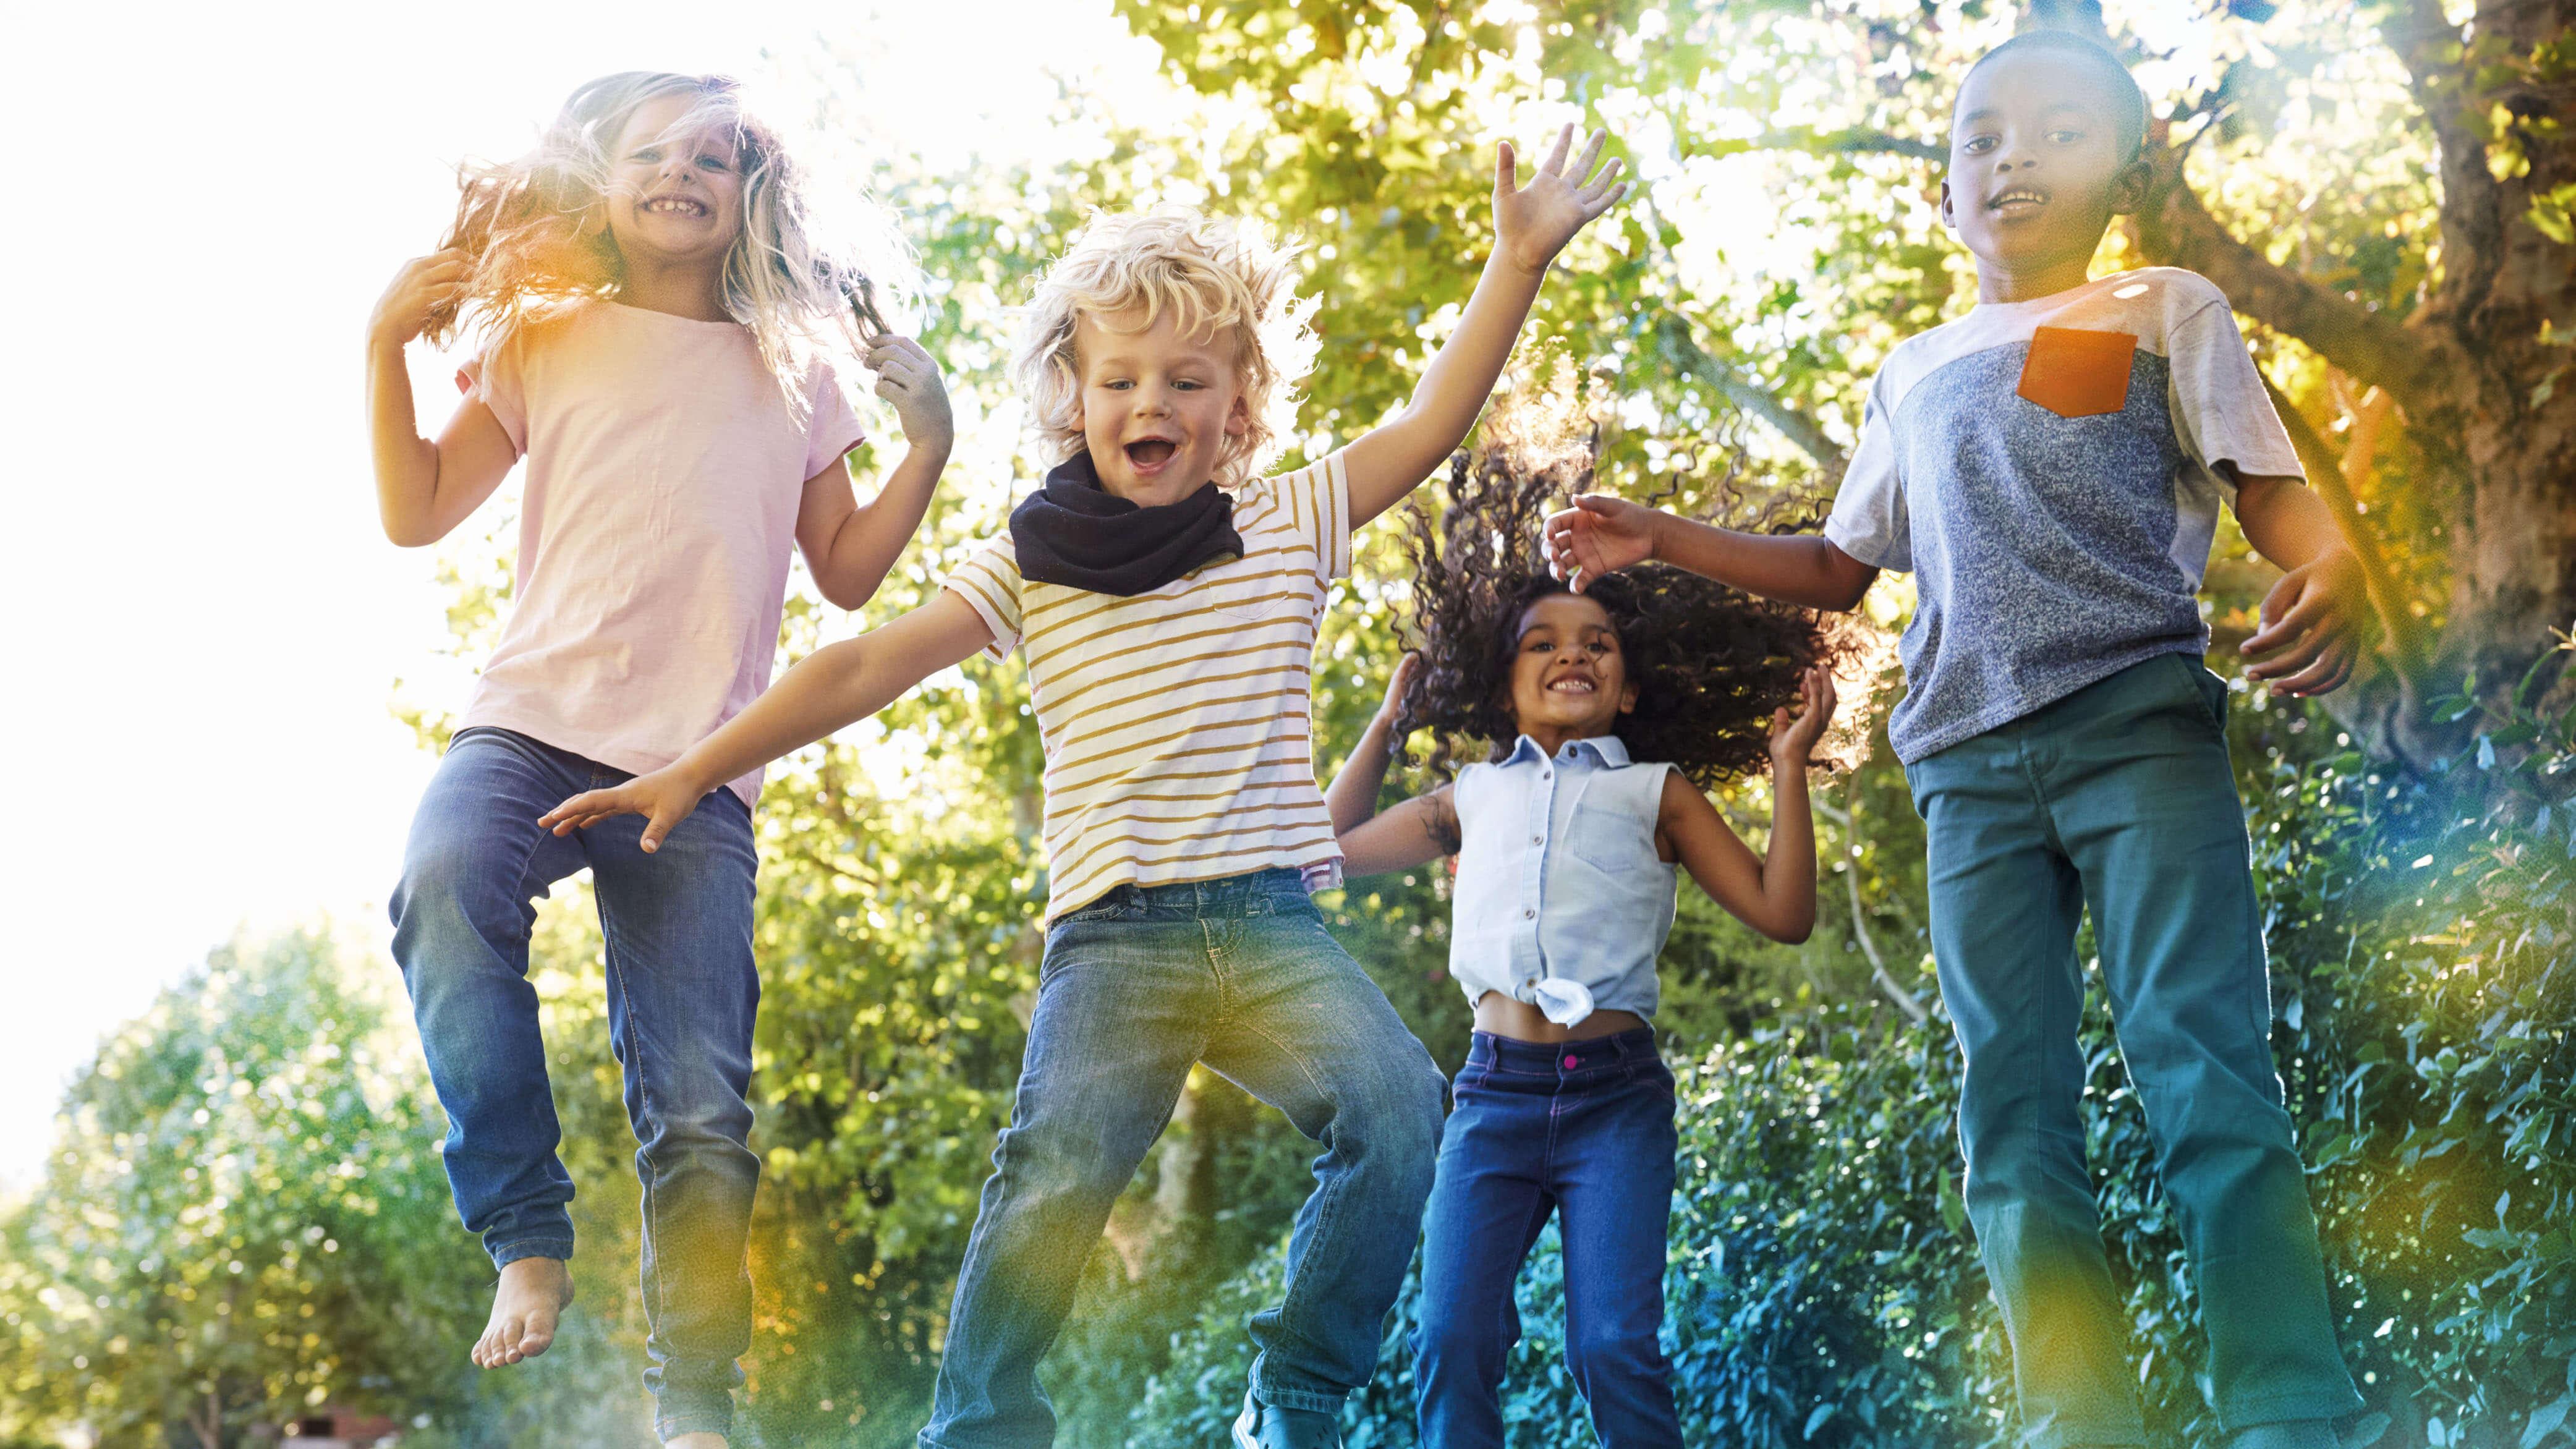 Haltungsschäden bei Kindern